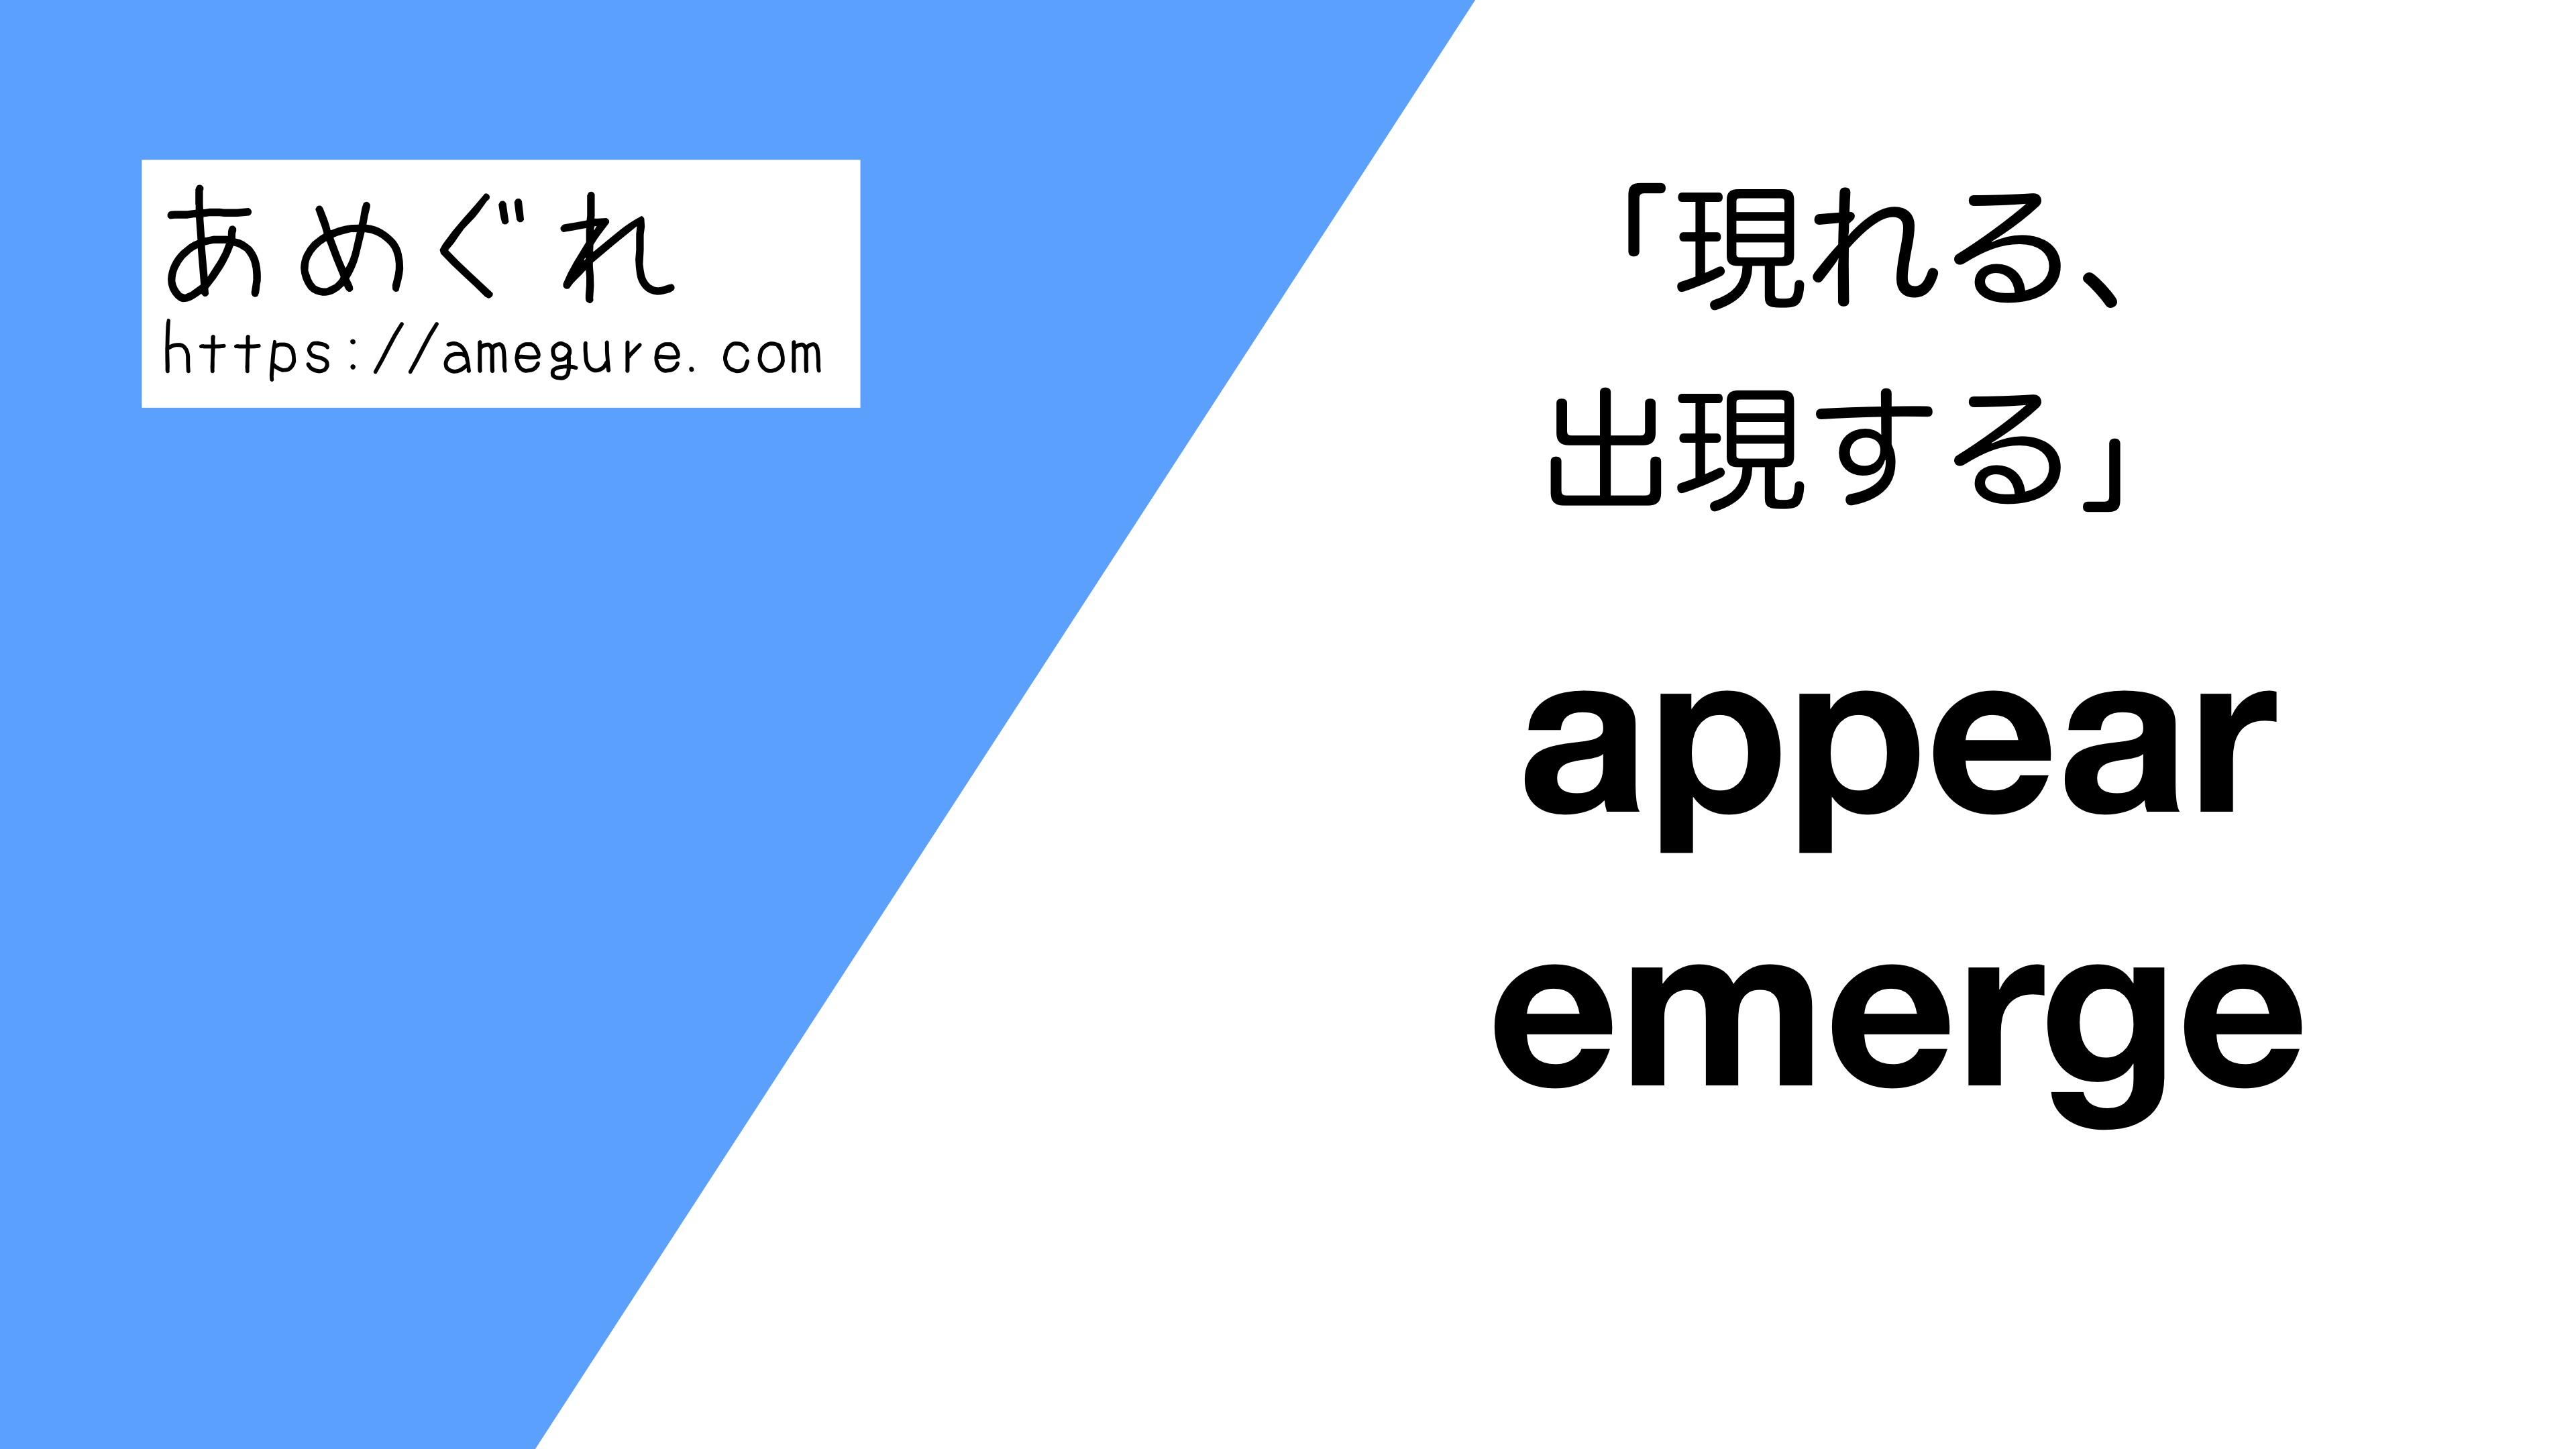 appear-emerge違い